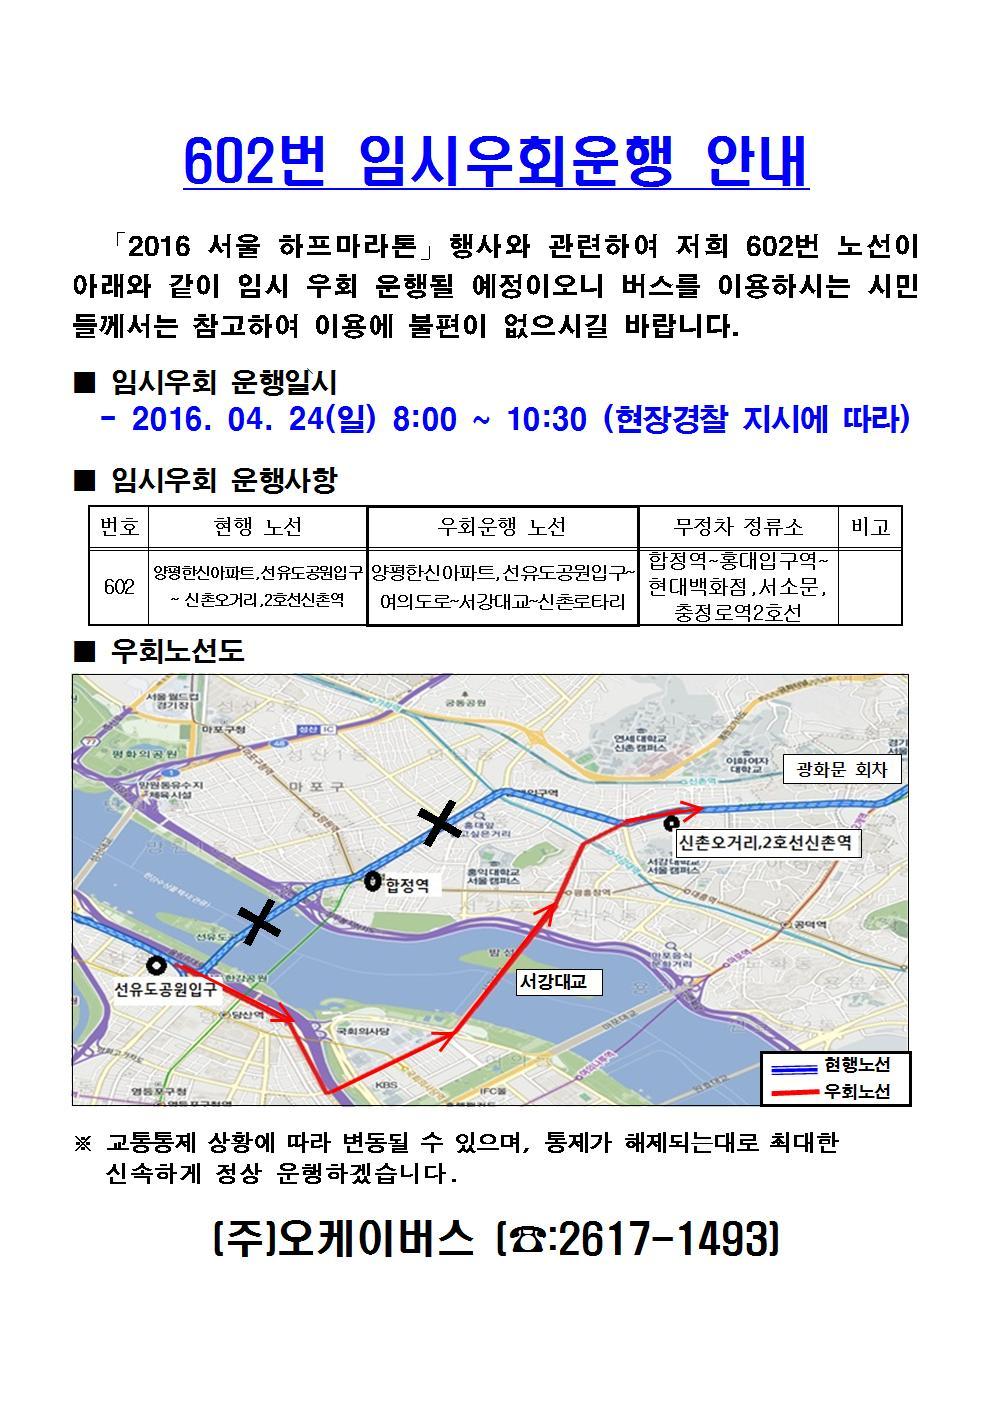 하프마라톤운행안내문(오케이버스)_04월24일001.jpg